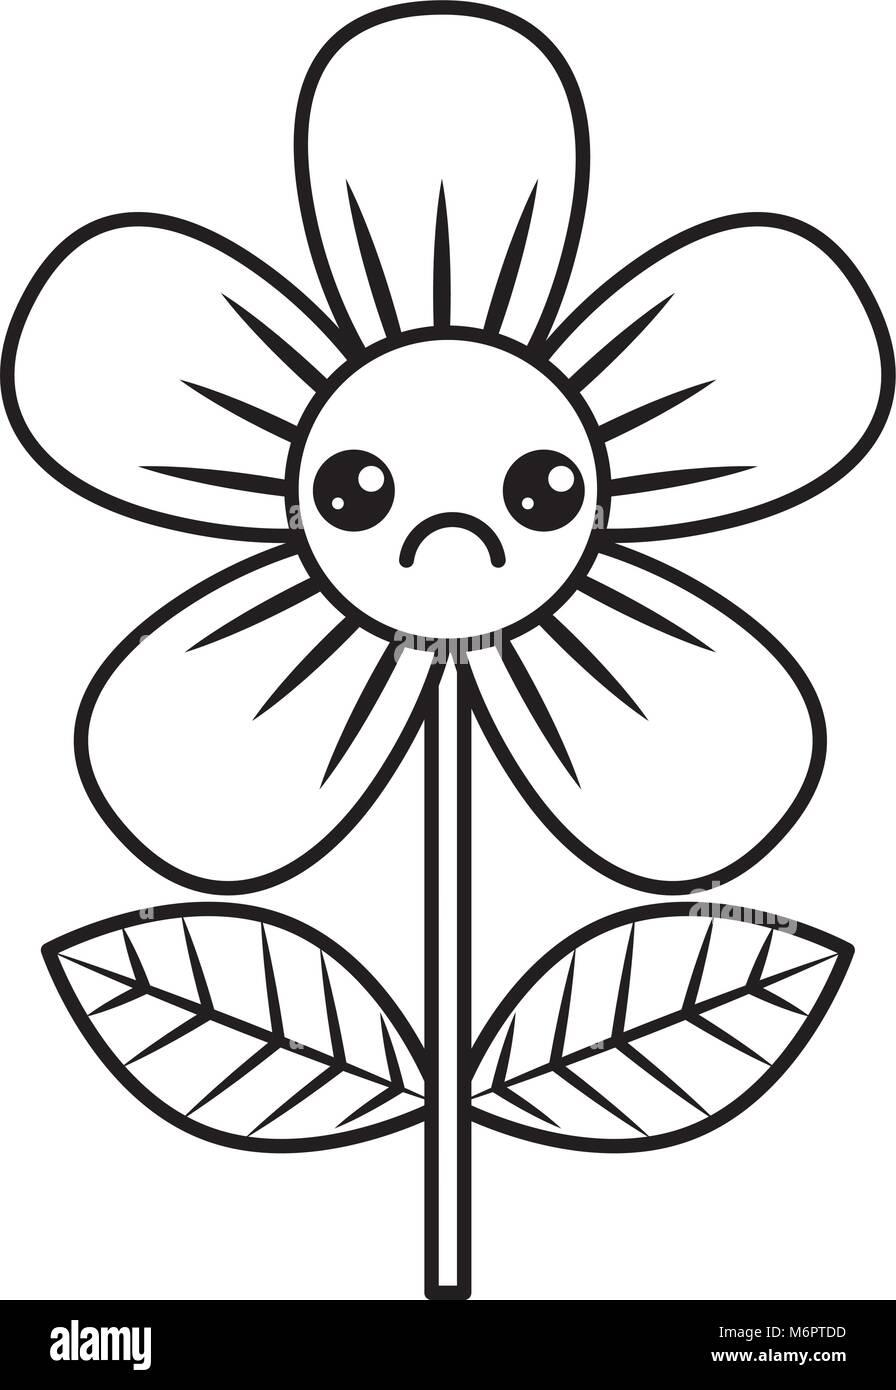 Beautiful sad flower kawaii cartoon vector illustration thin line beautiful sad flower kawaii cartoon vector illustration thin line design izmirmasajfo